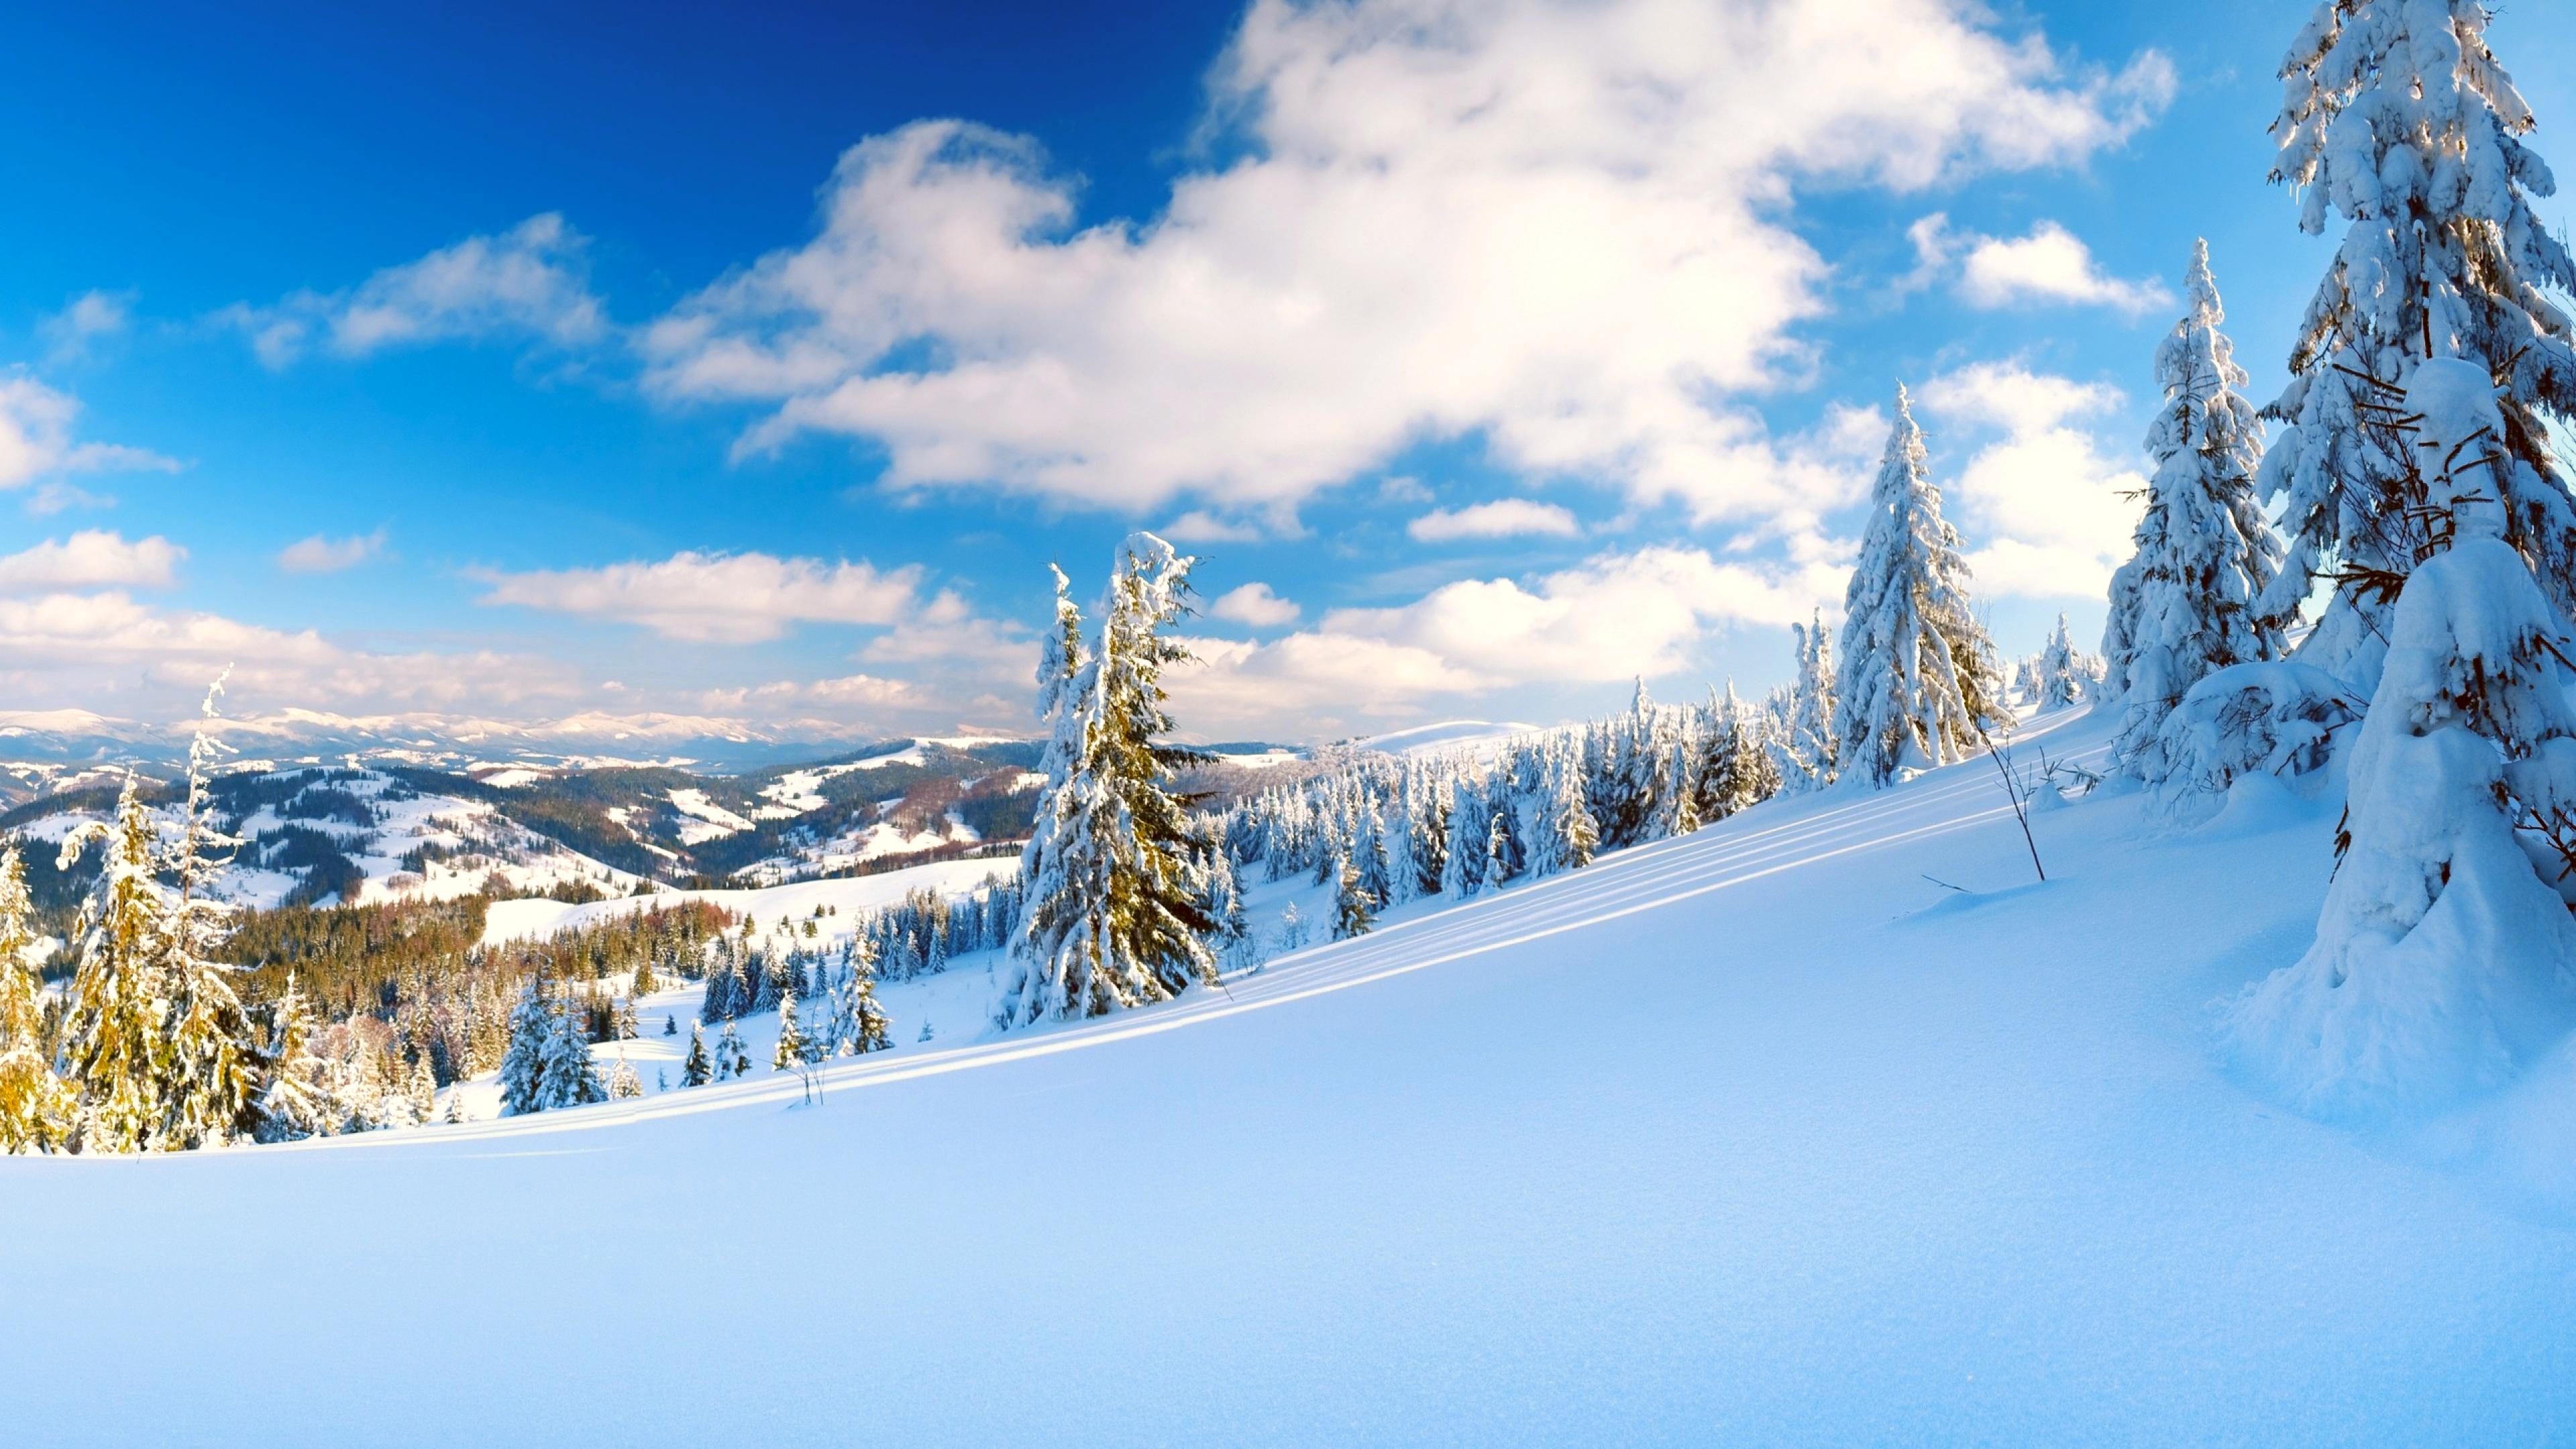 снег горы деревья холмы без регистрации